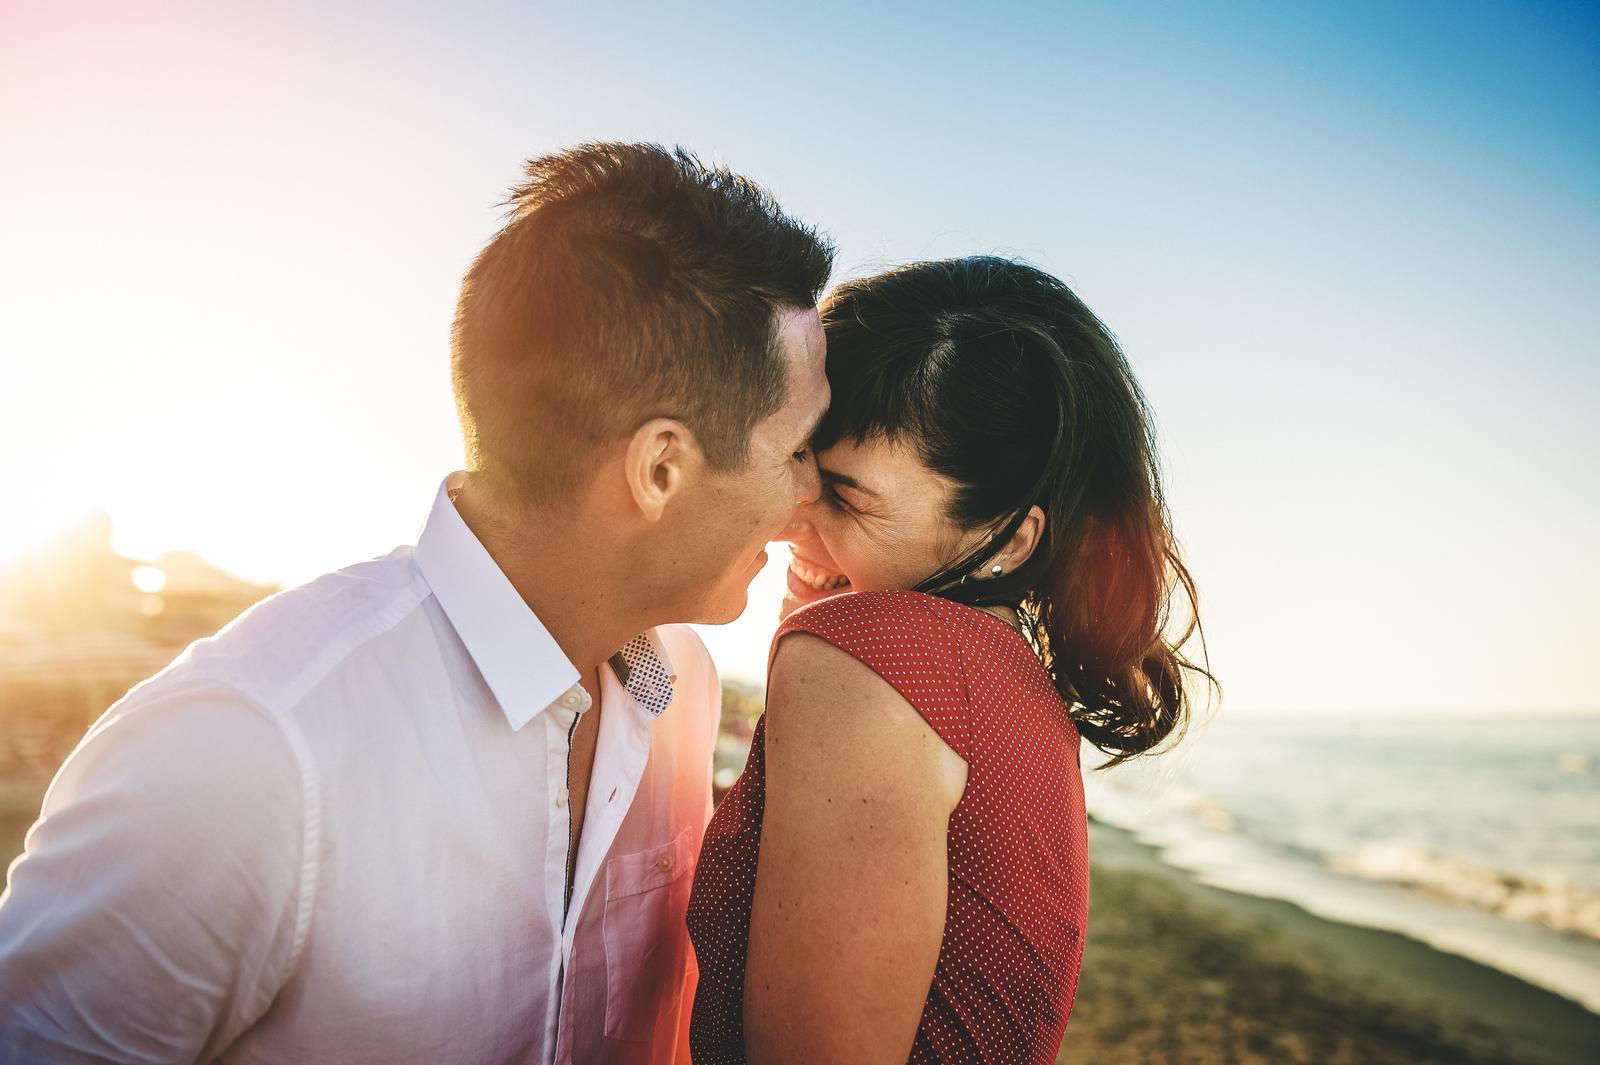 Svatby roku 2019 - Obrázek č. 2